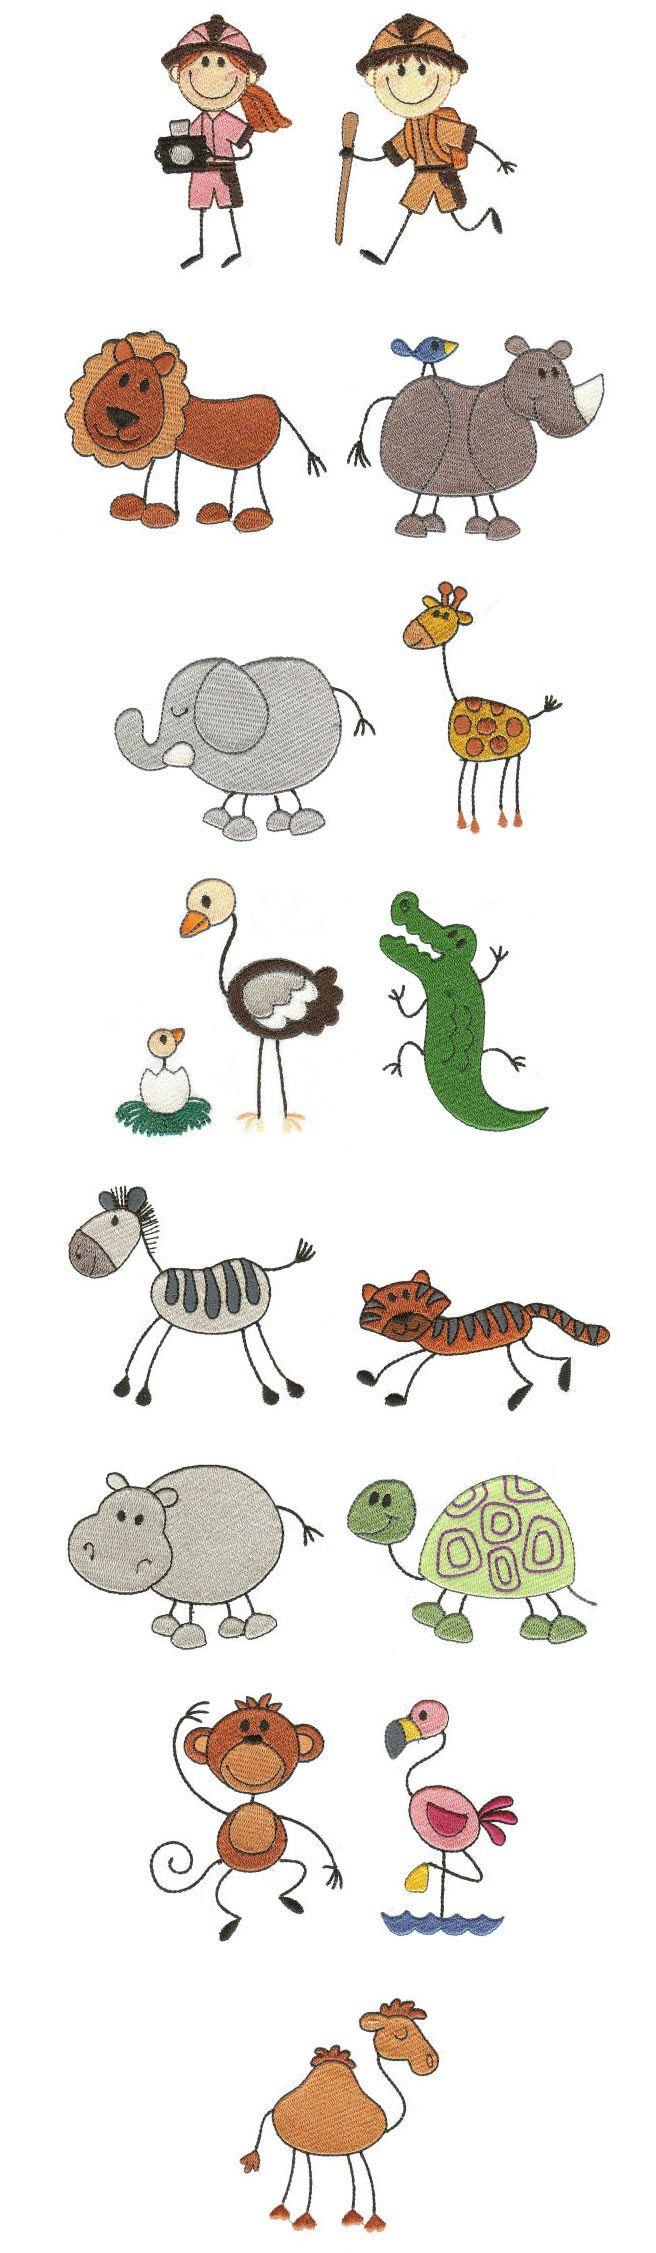 Embroidery | Machine Embroidery Designs | The Stix Family Safari